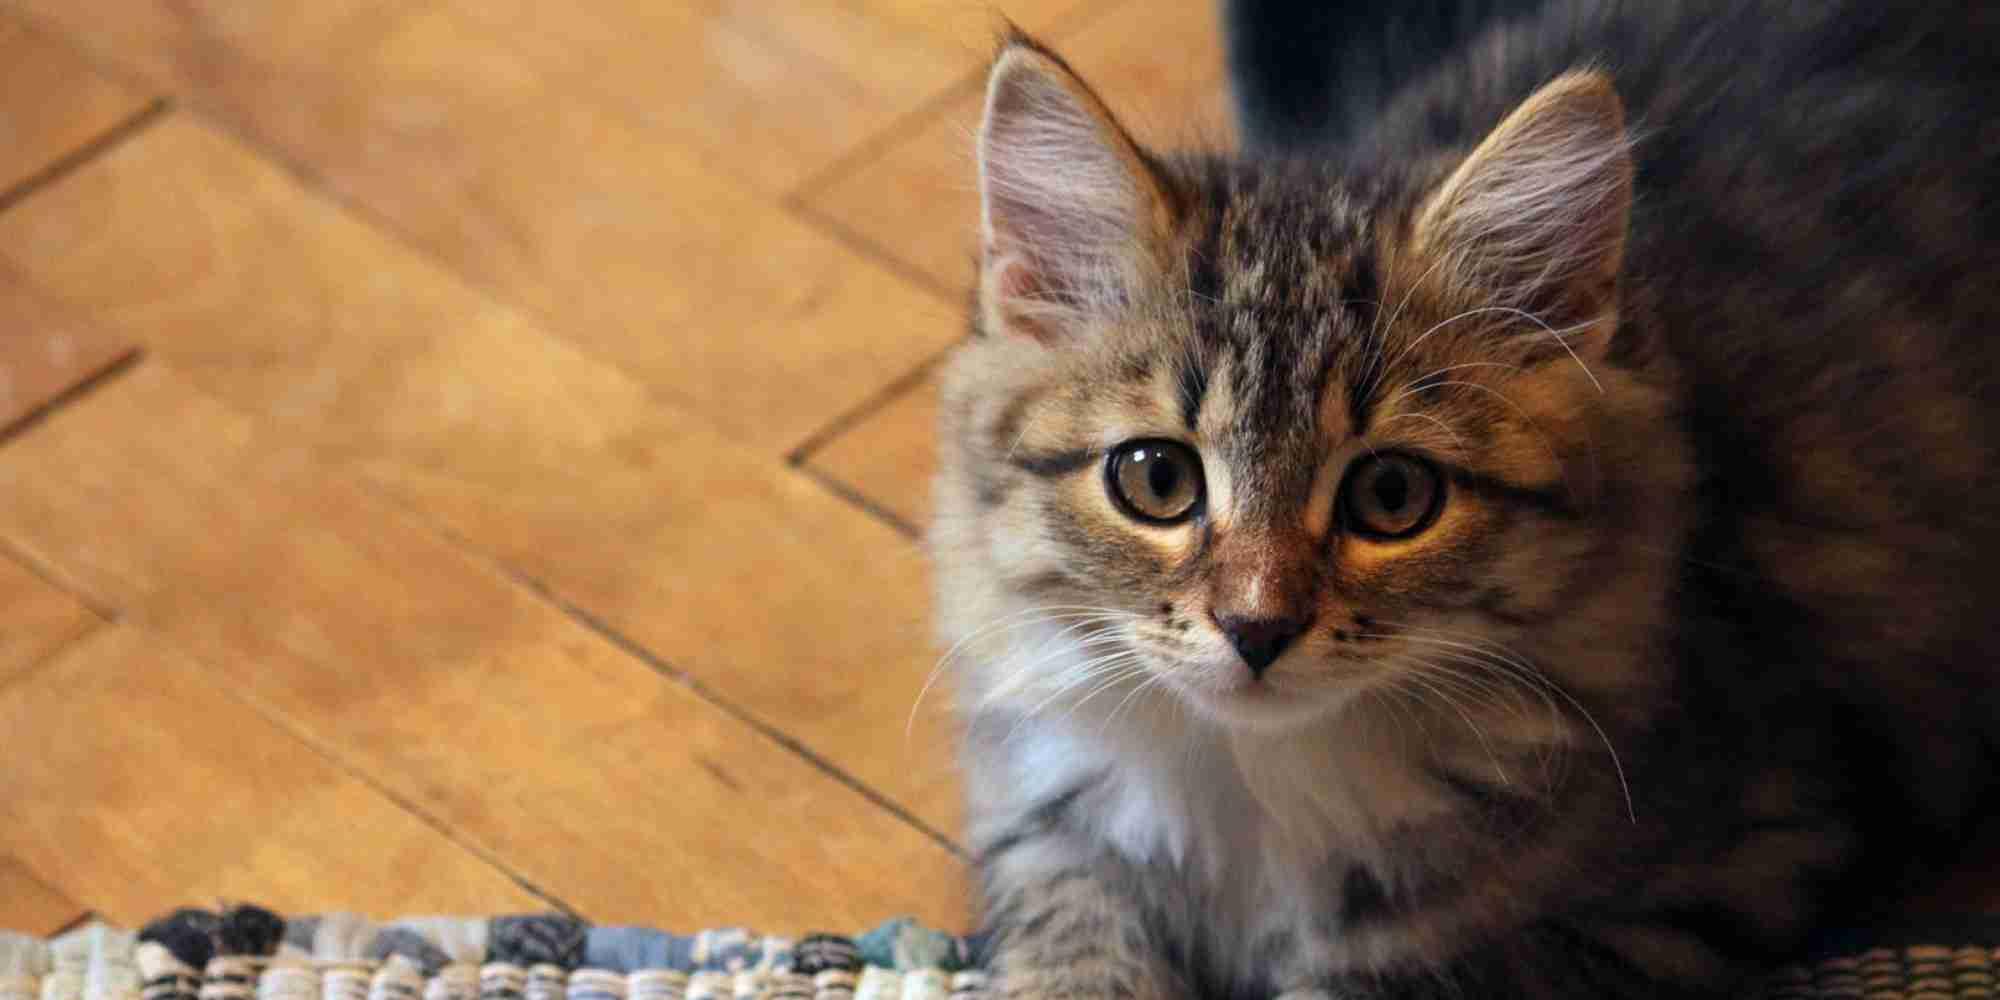 猫を飼うことと統合失調症は関係がある? (調査結果)